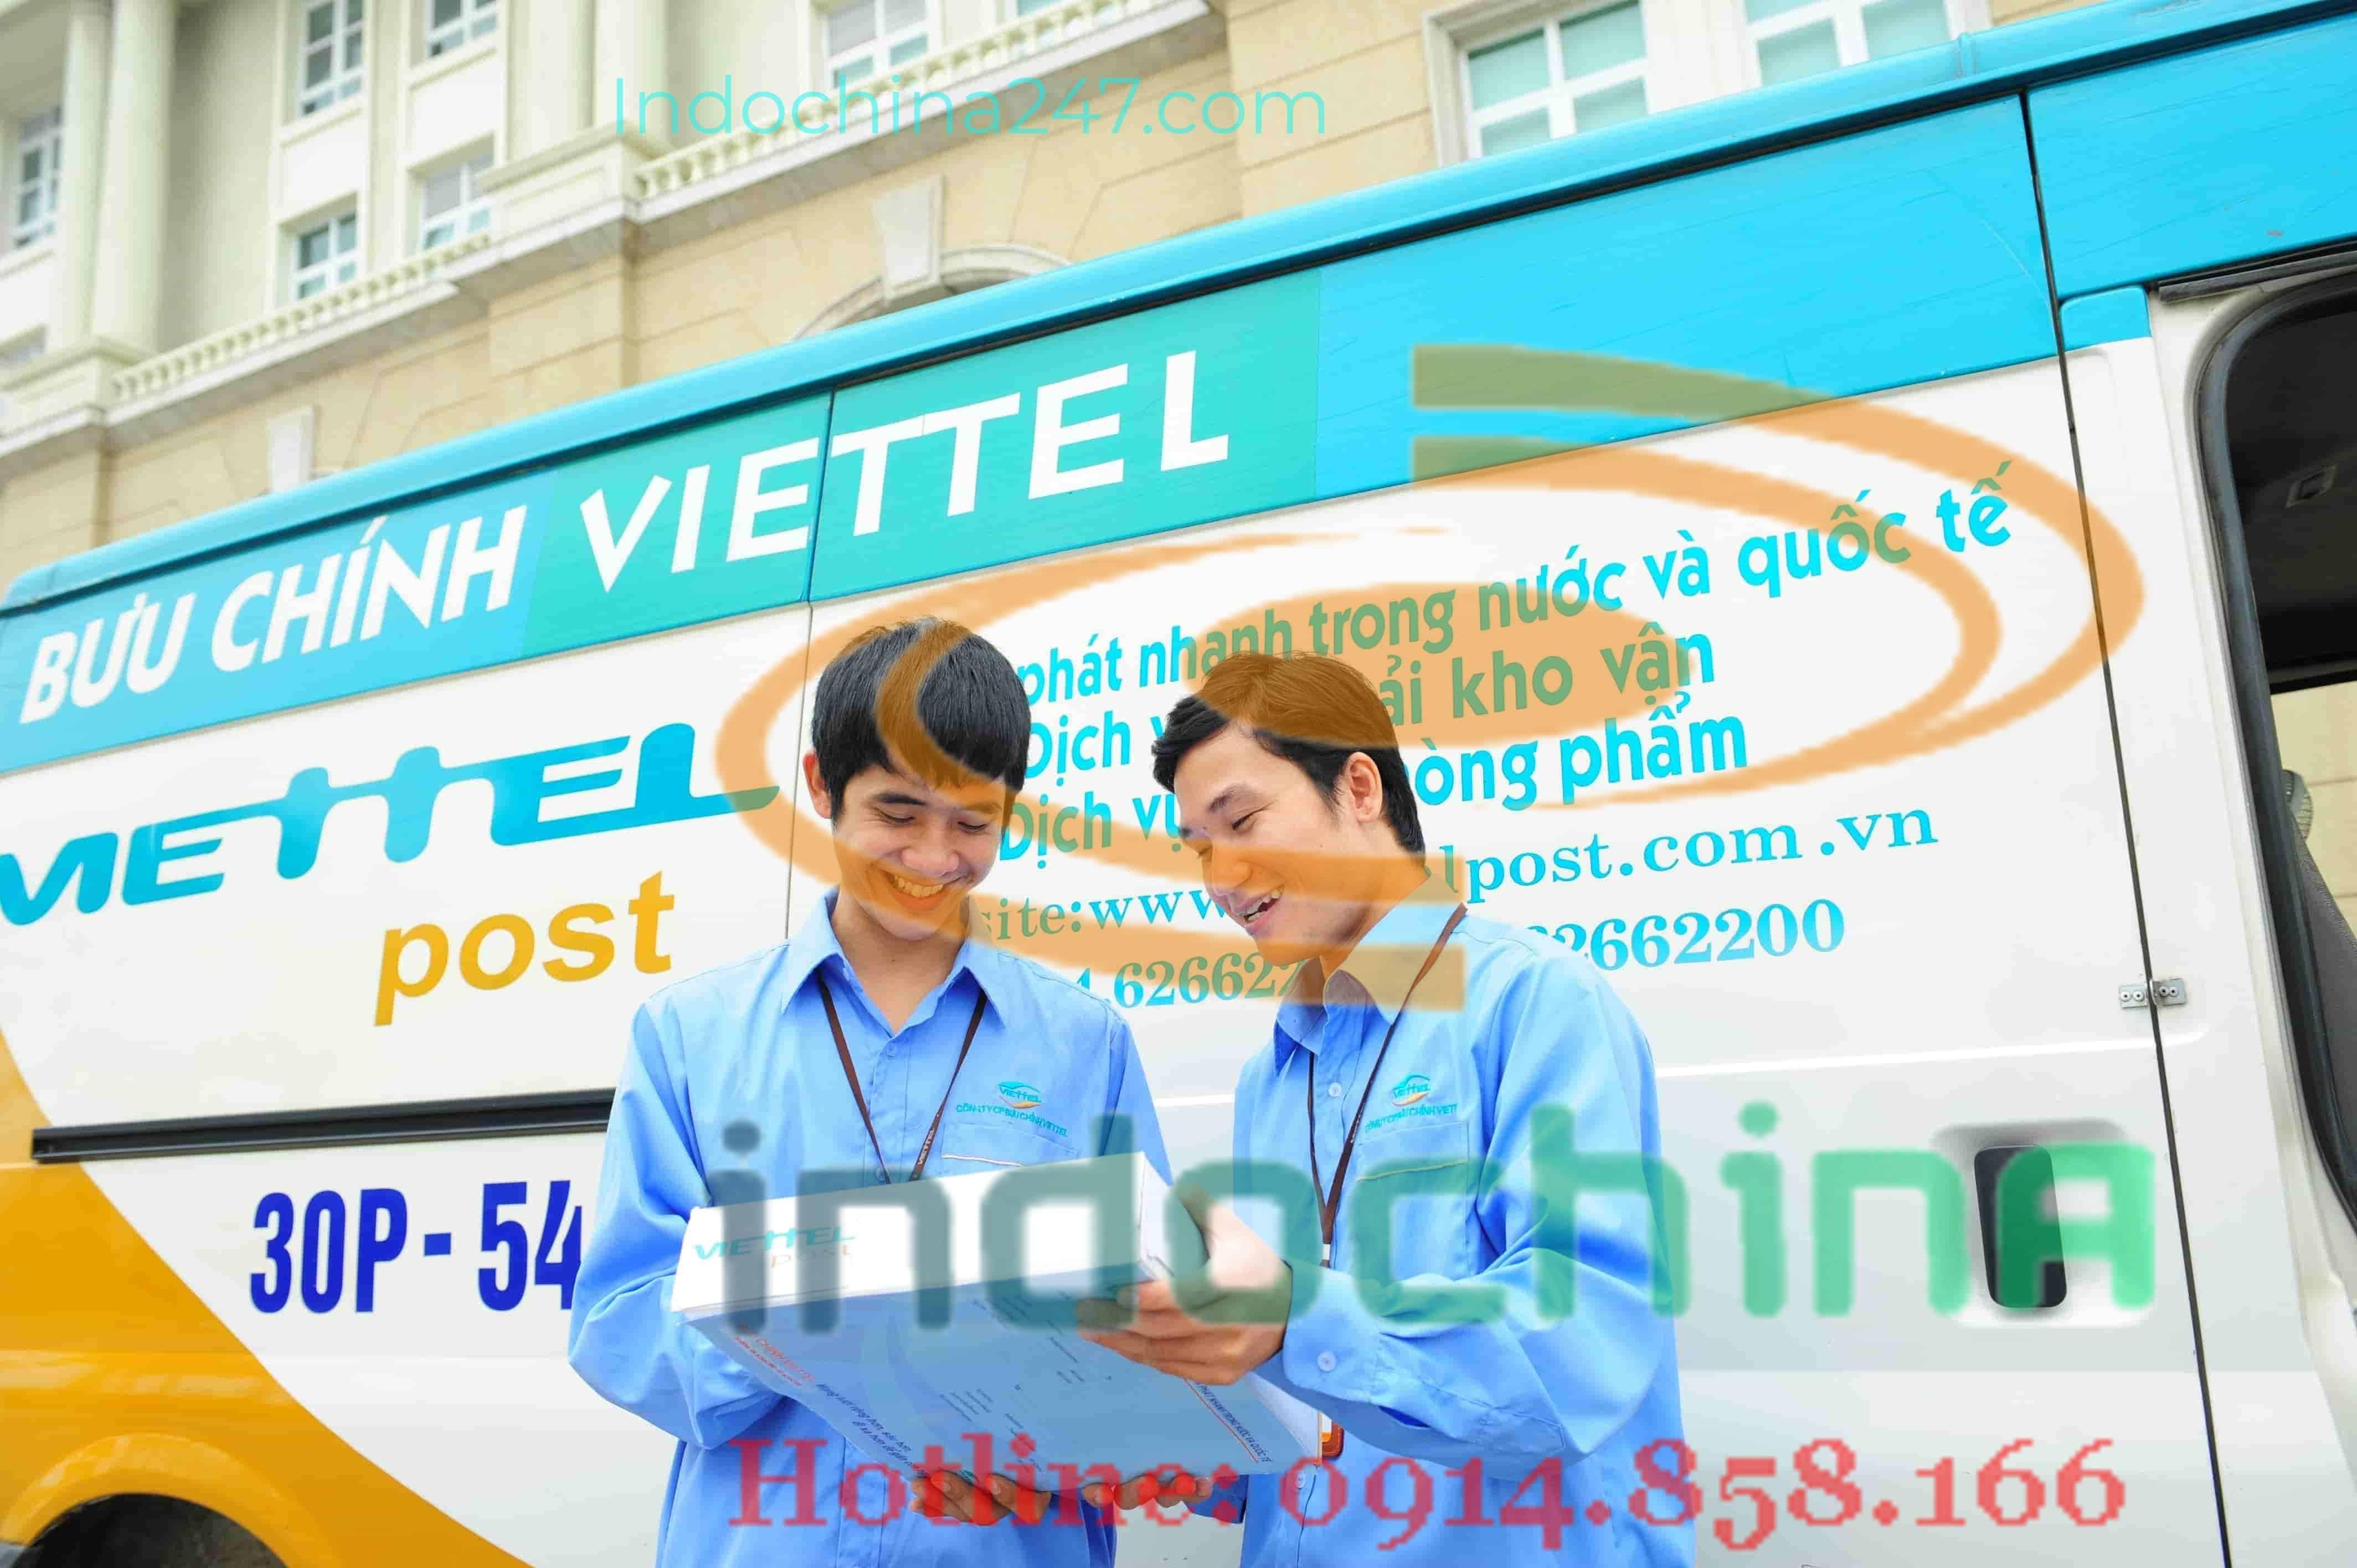 Chuyển phát nhanh Viettel Post đạt doanh thu